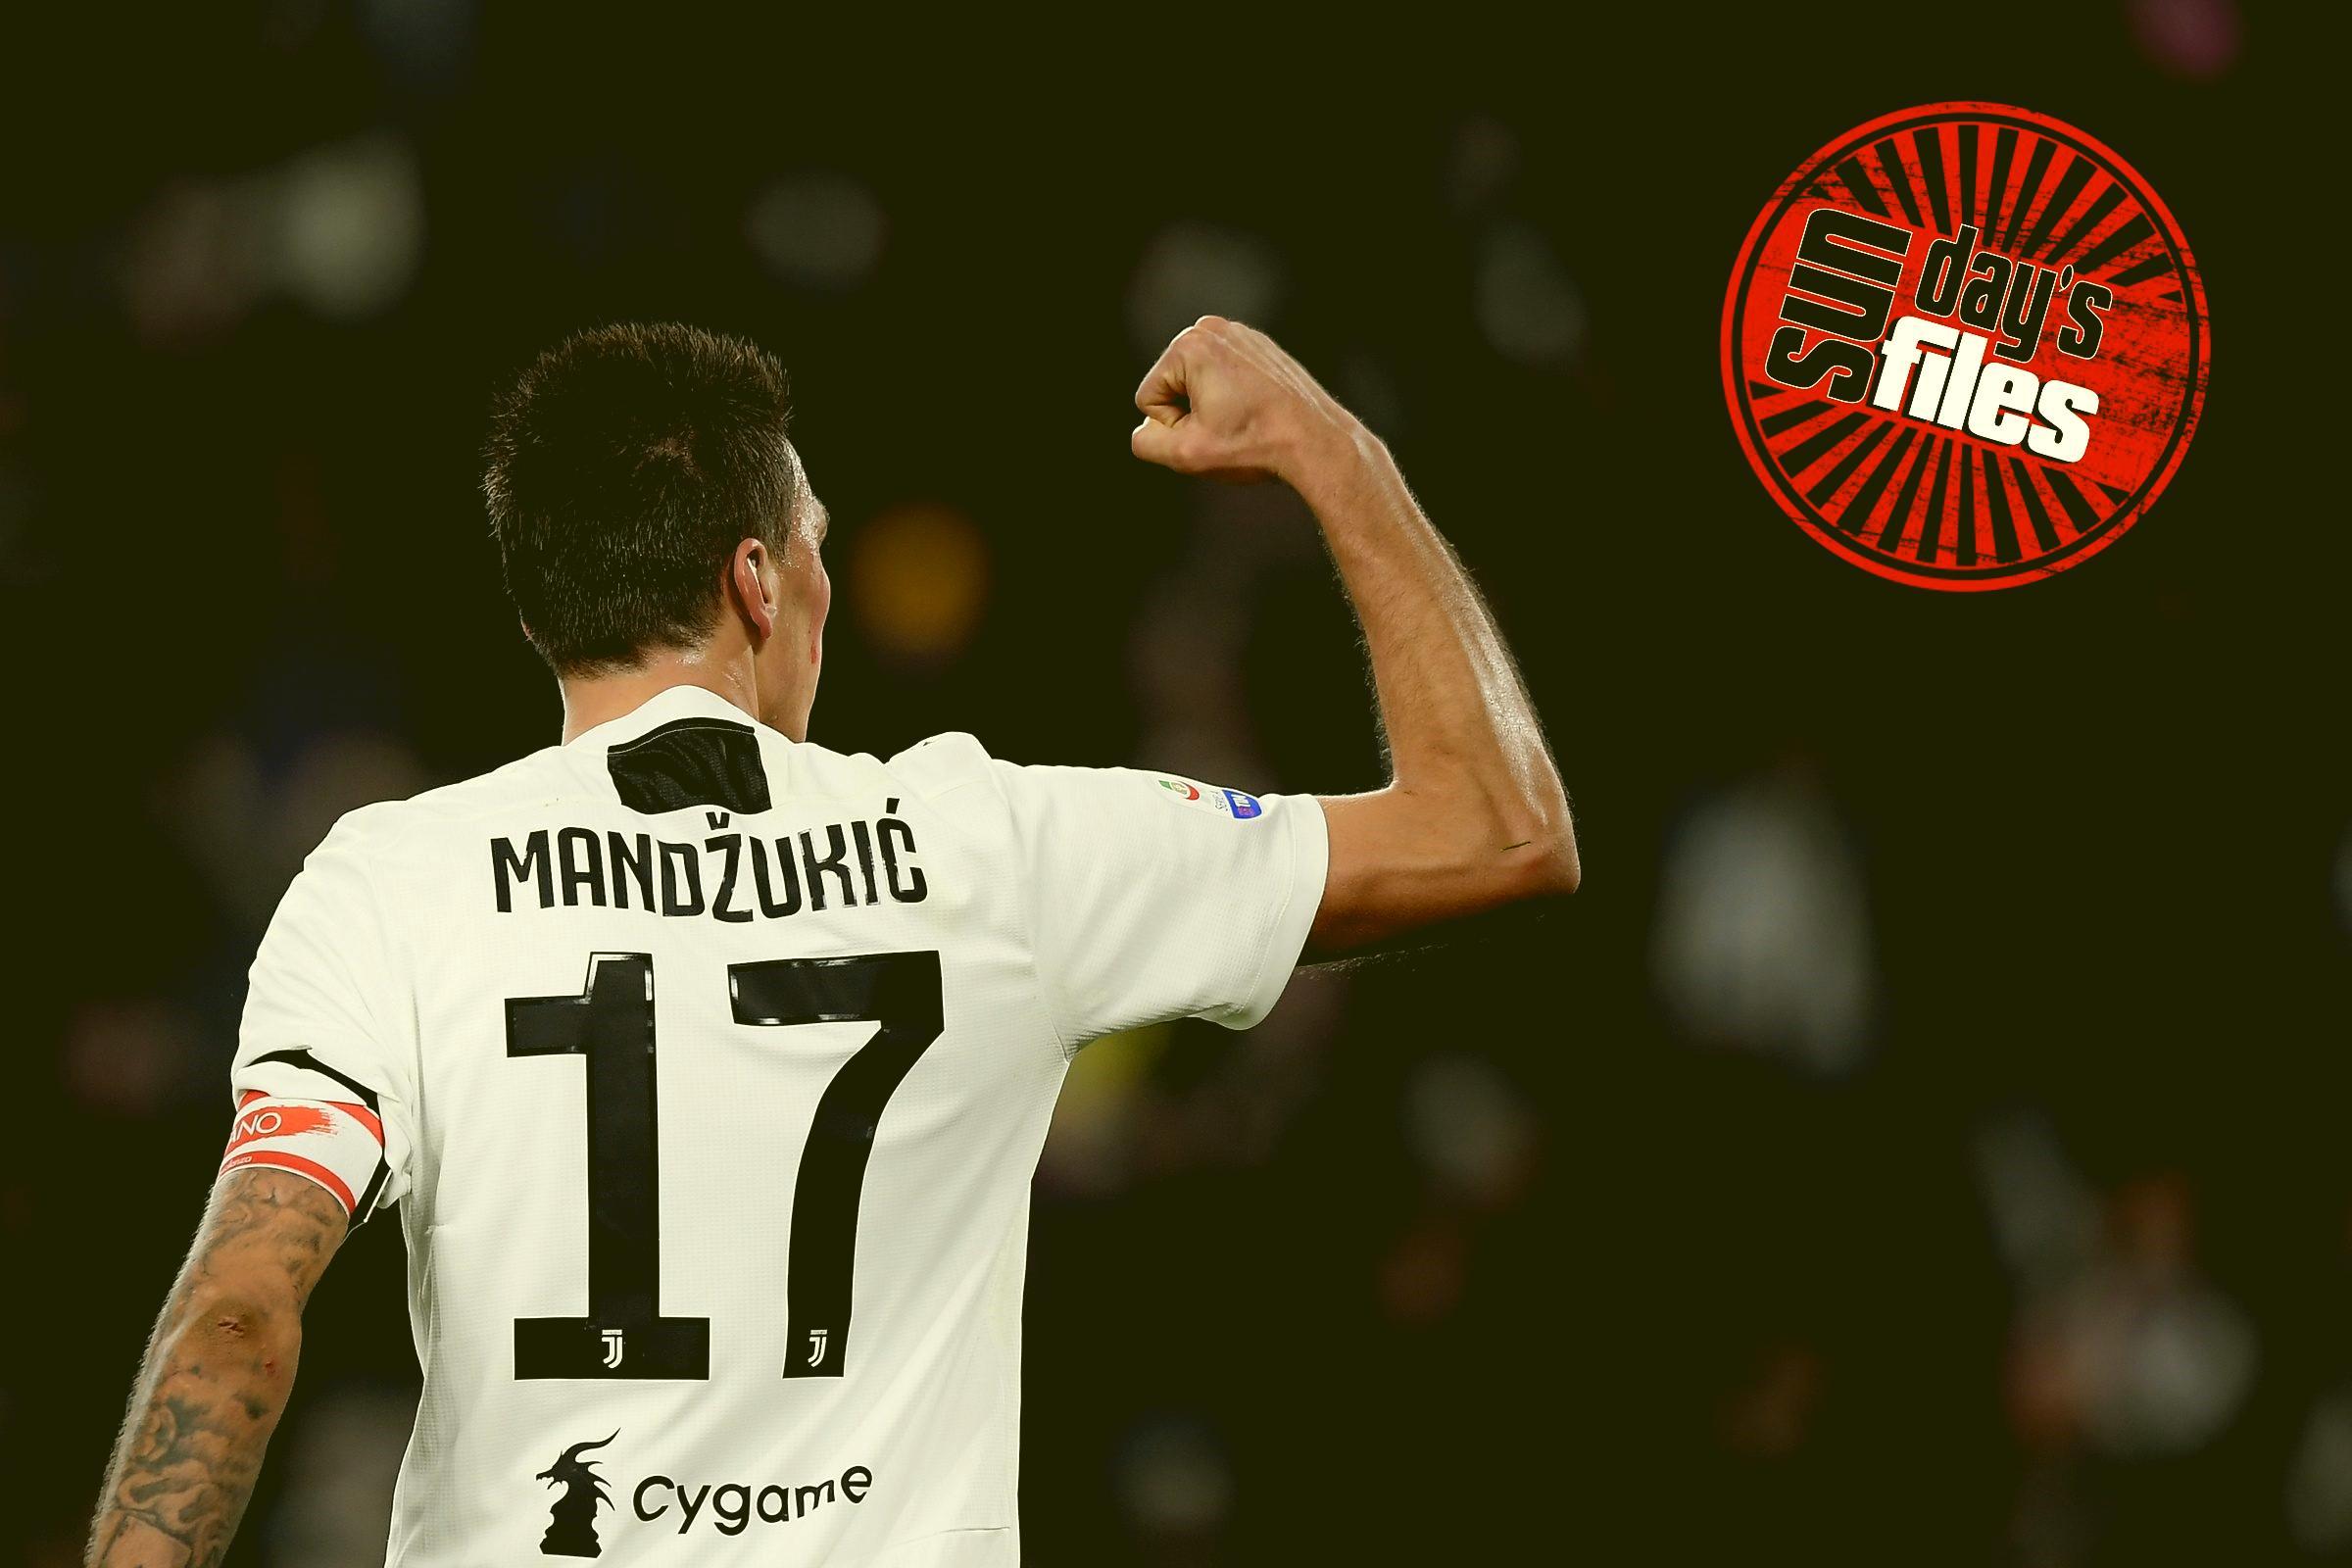 Μάντζουκιτς, ένας Κροάτης βέρος Γιουβεντίνος - Sportime.GR